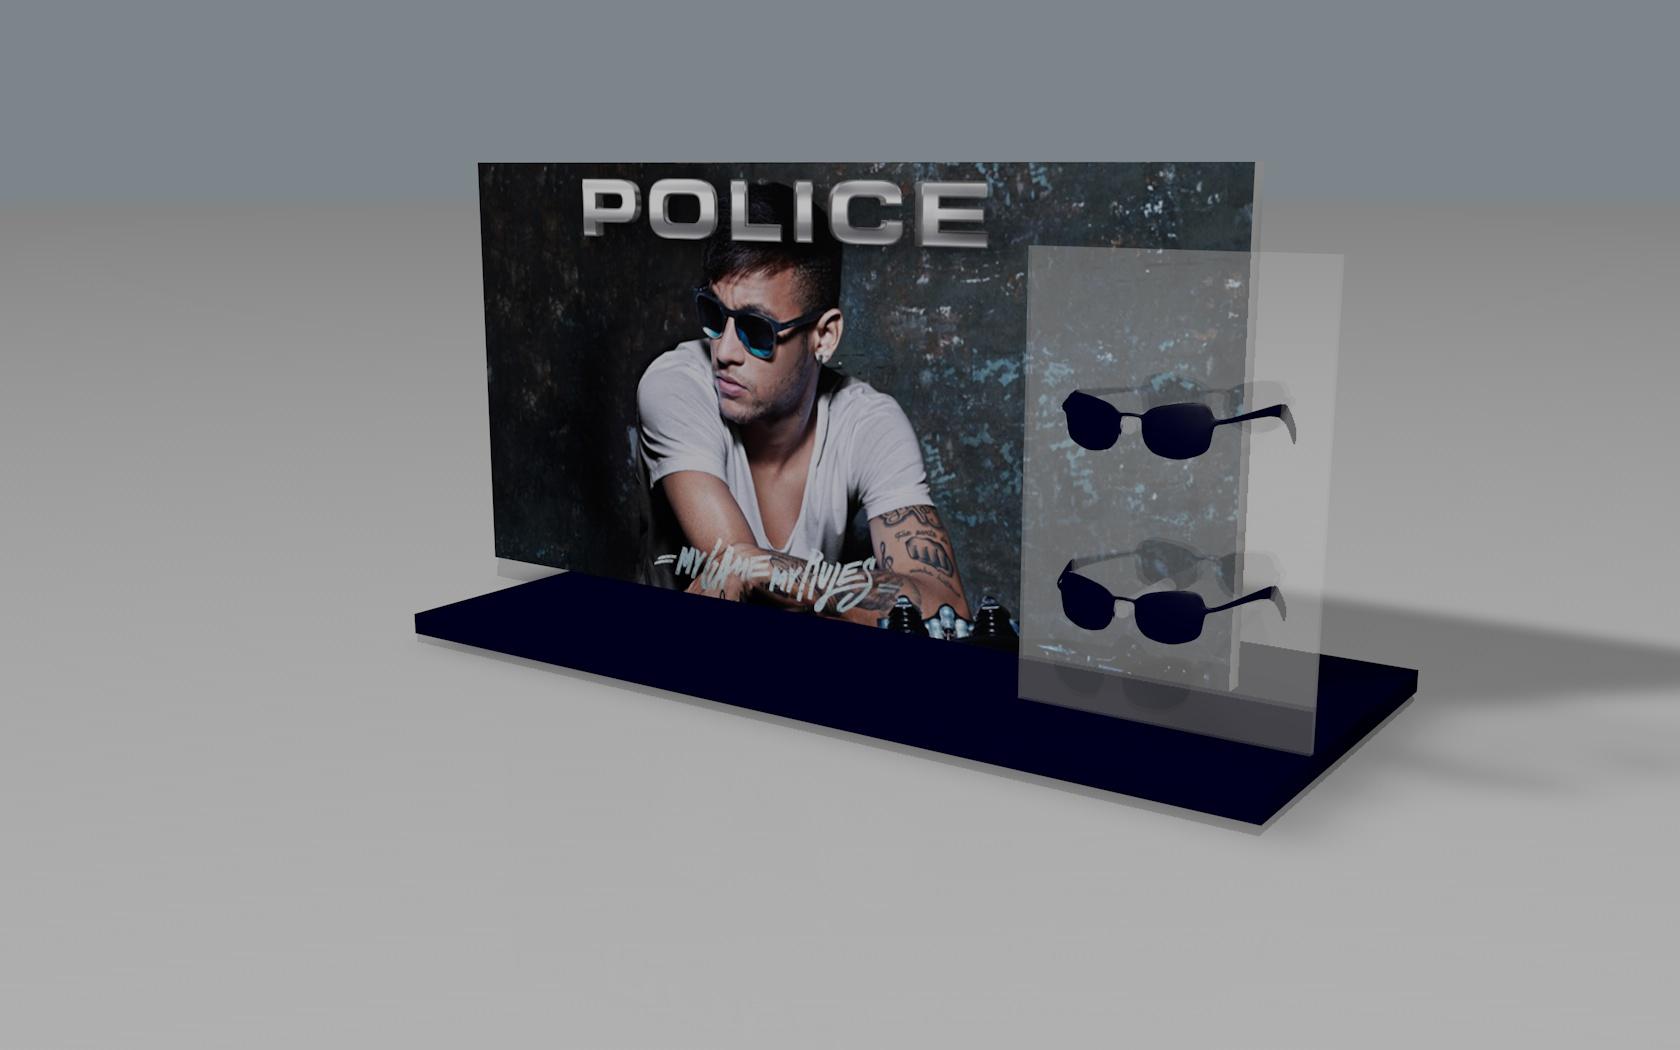 Expositor de balcão Police